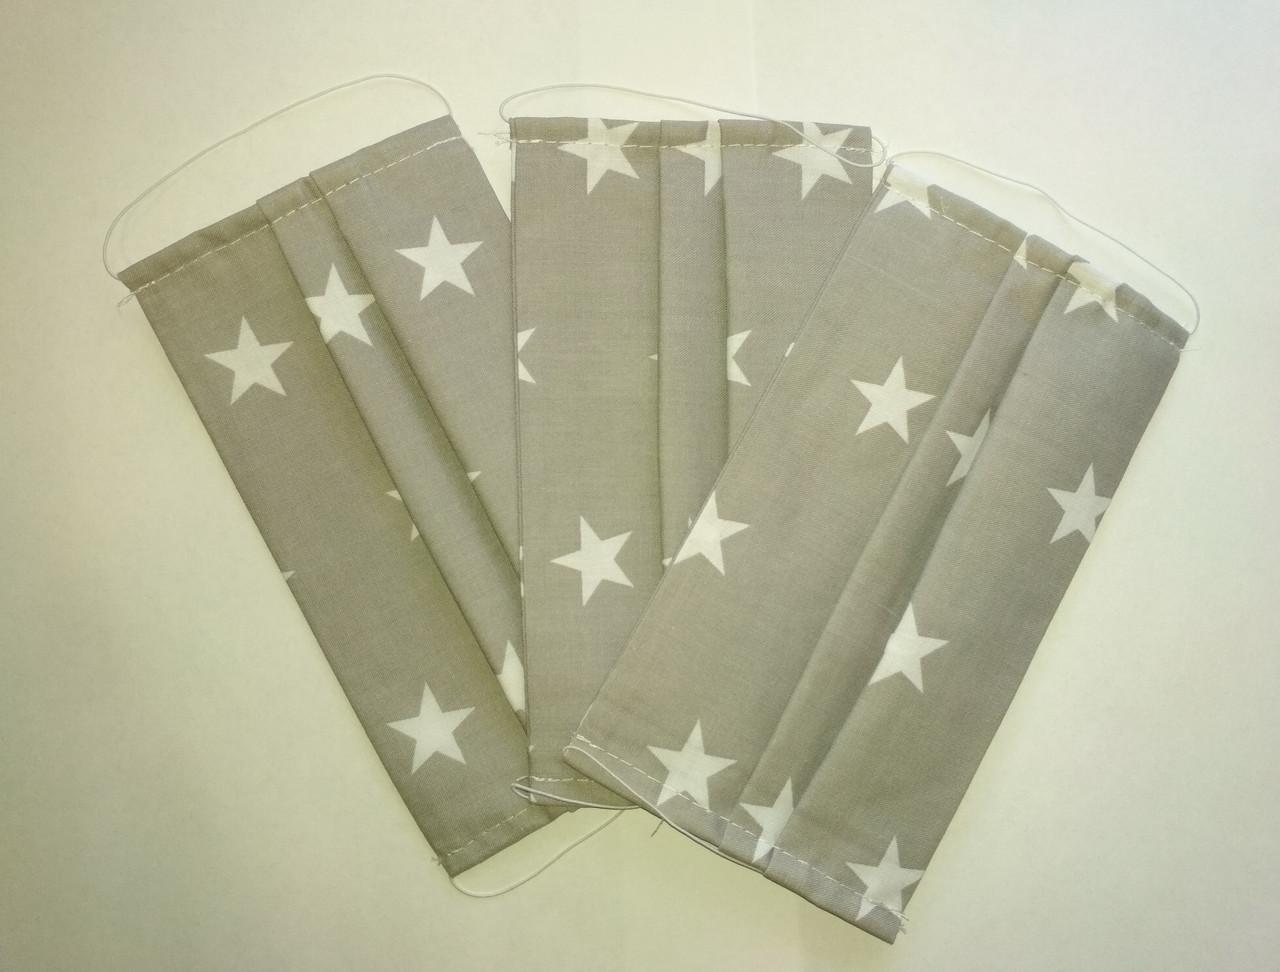 Маска захисна багаторазова, тканина бавовна, колір сірий з малюнком зірки